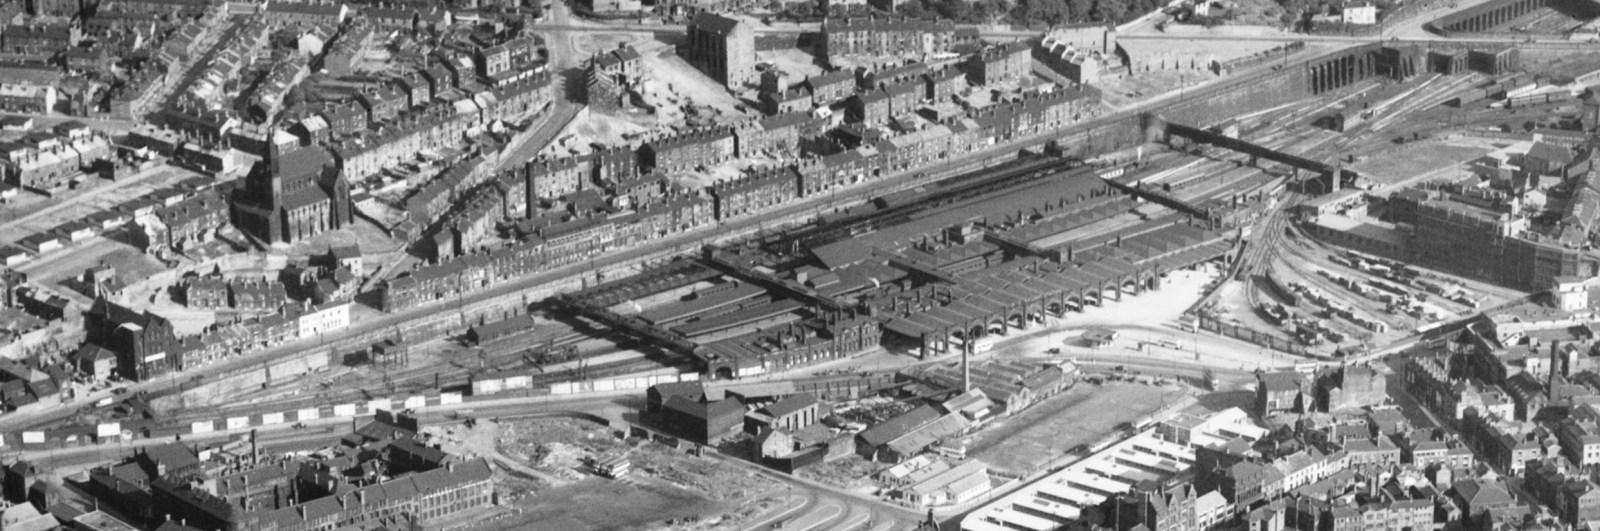 Midland Station 1950.jpg